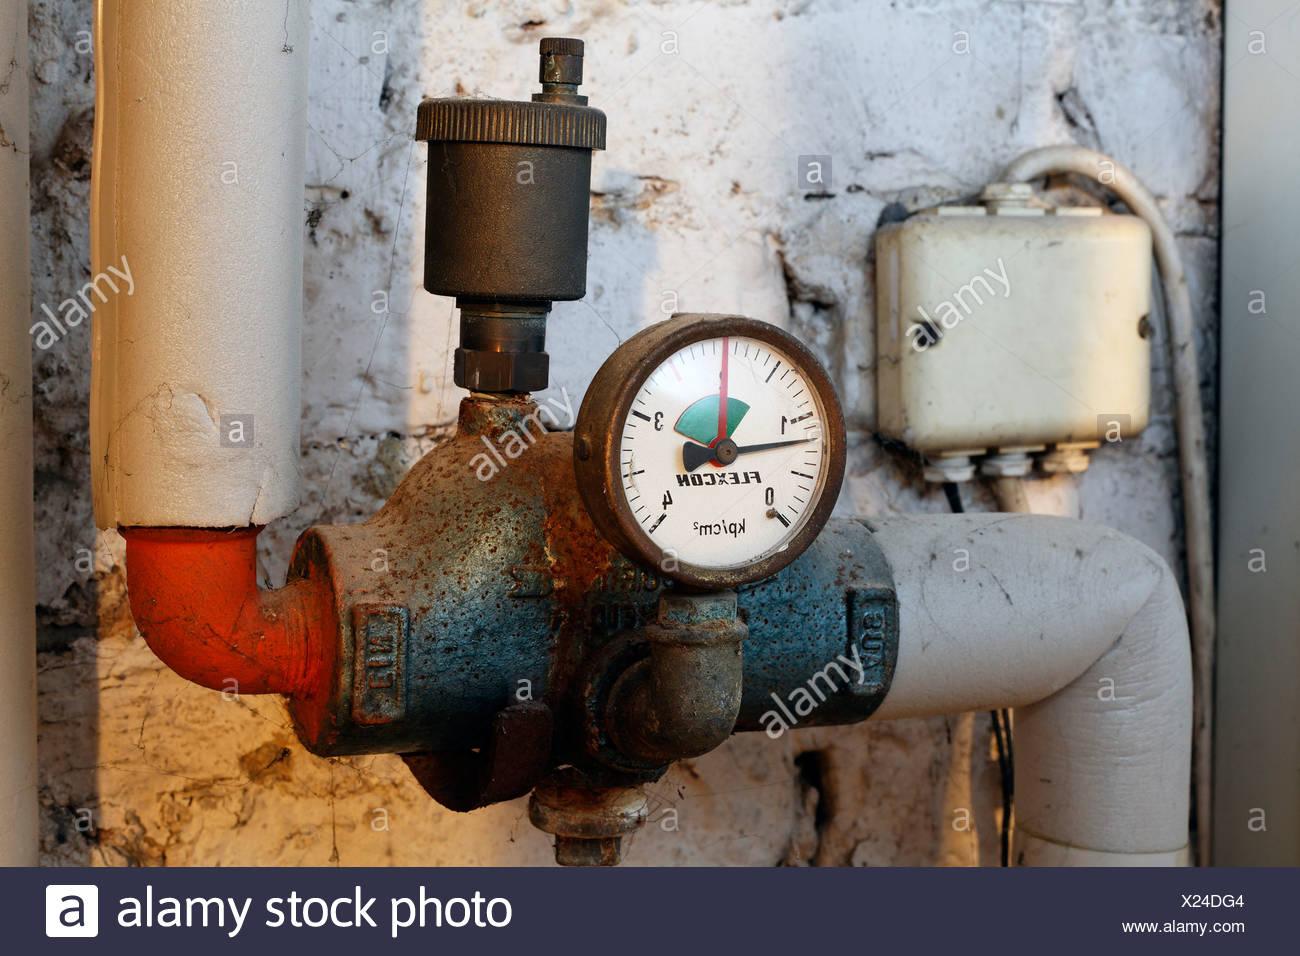 Alten Manometer Auf Heizungsrohre Im Keller Des Hauses, Erdgas  Heizungsanlage Vor Der Modernisierung, Deutschland, Europa